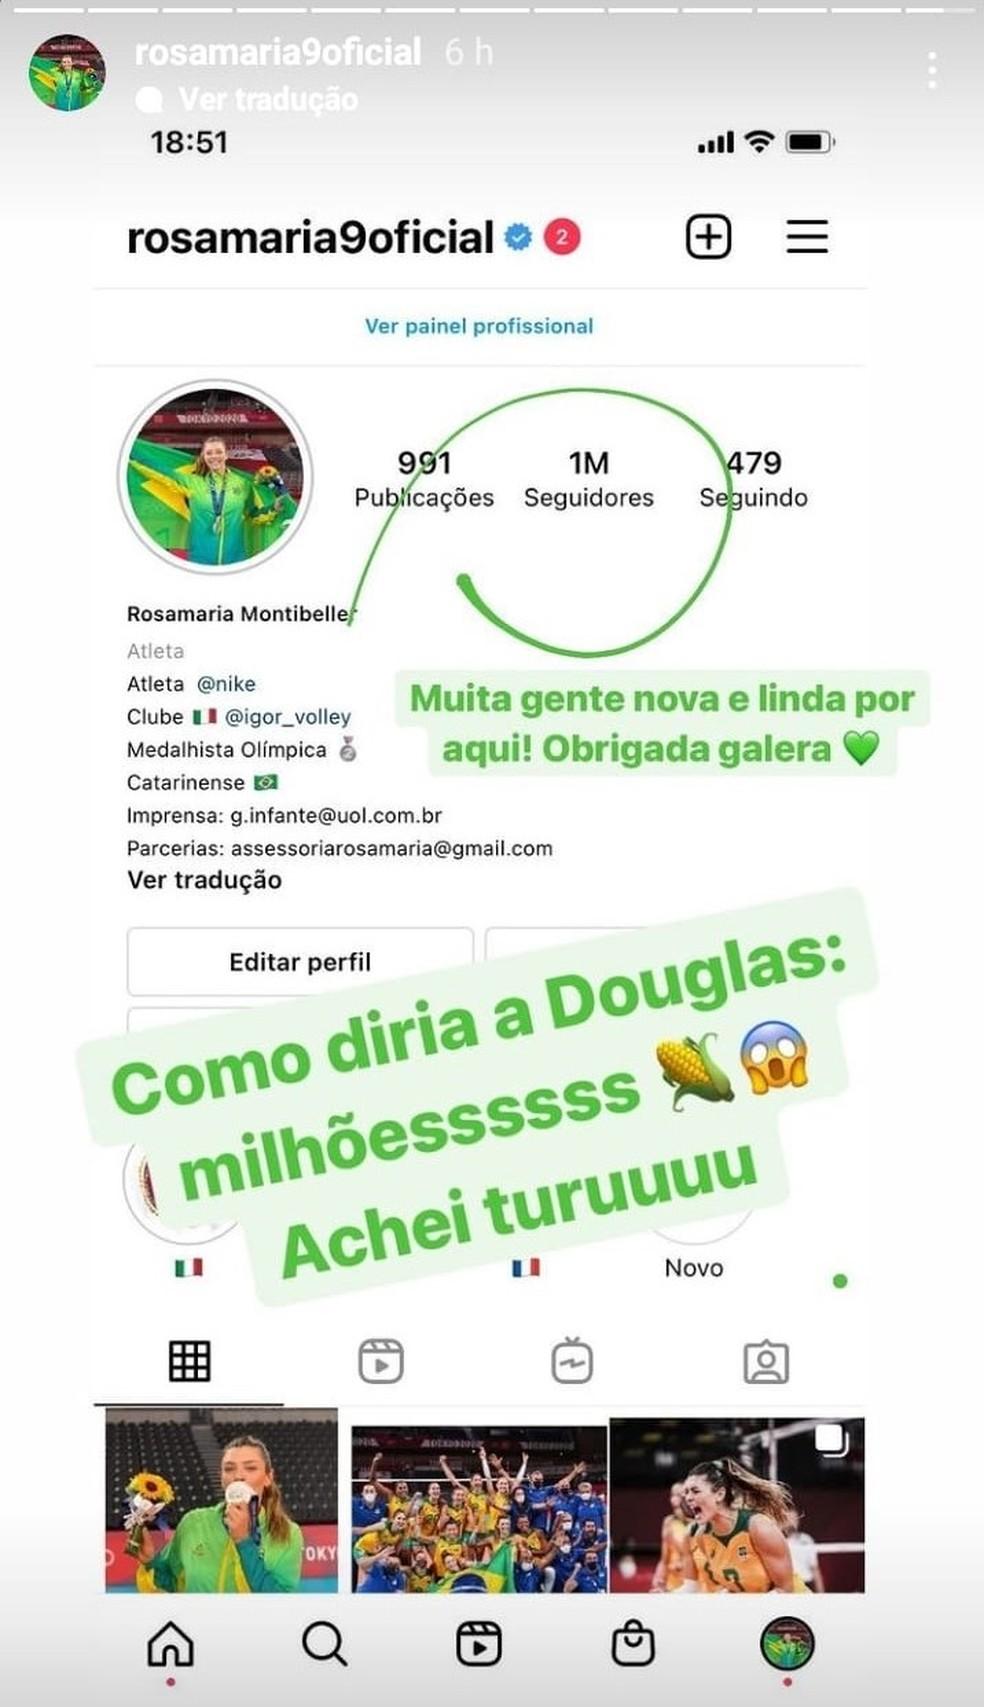 Rosamaria comemora marca de 1 milhão de seguidores nas redes sociais  — Foto: Reprodução/Redes sociais